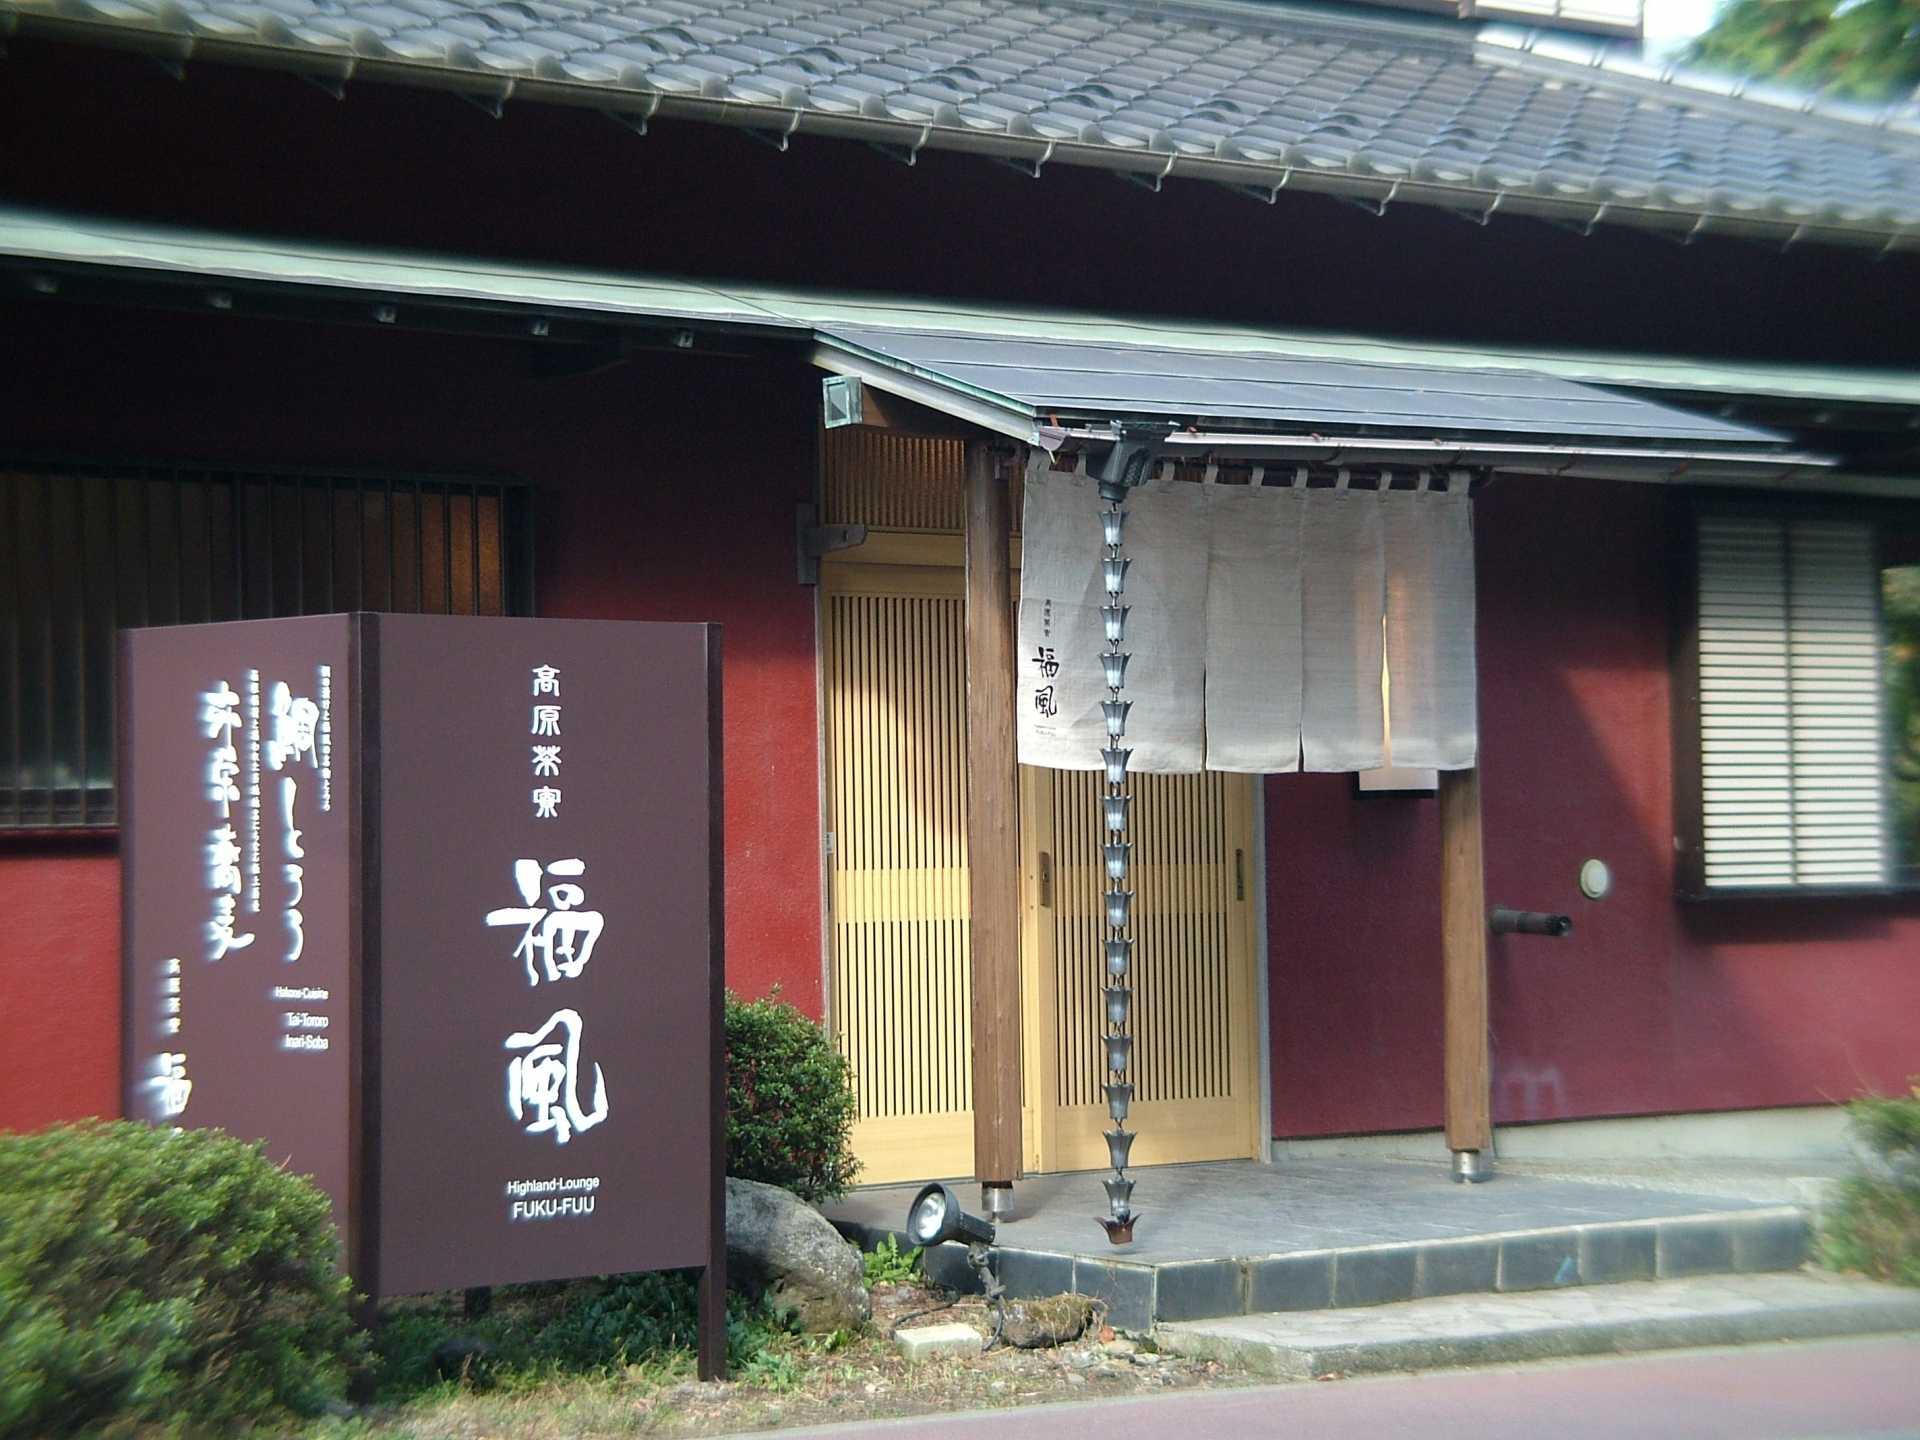 とても美味しい日本料理店。でも平日の売上が伸びない。箱根仙石原「高原茶寮 福風」の黒字化計画